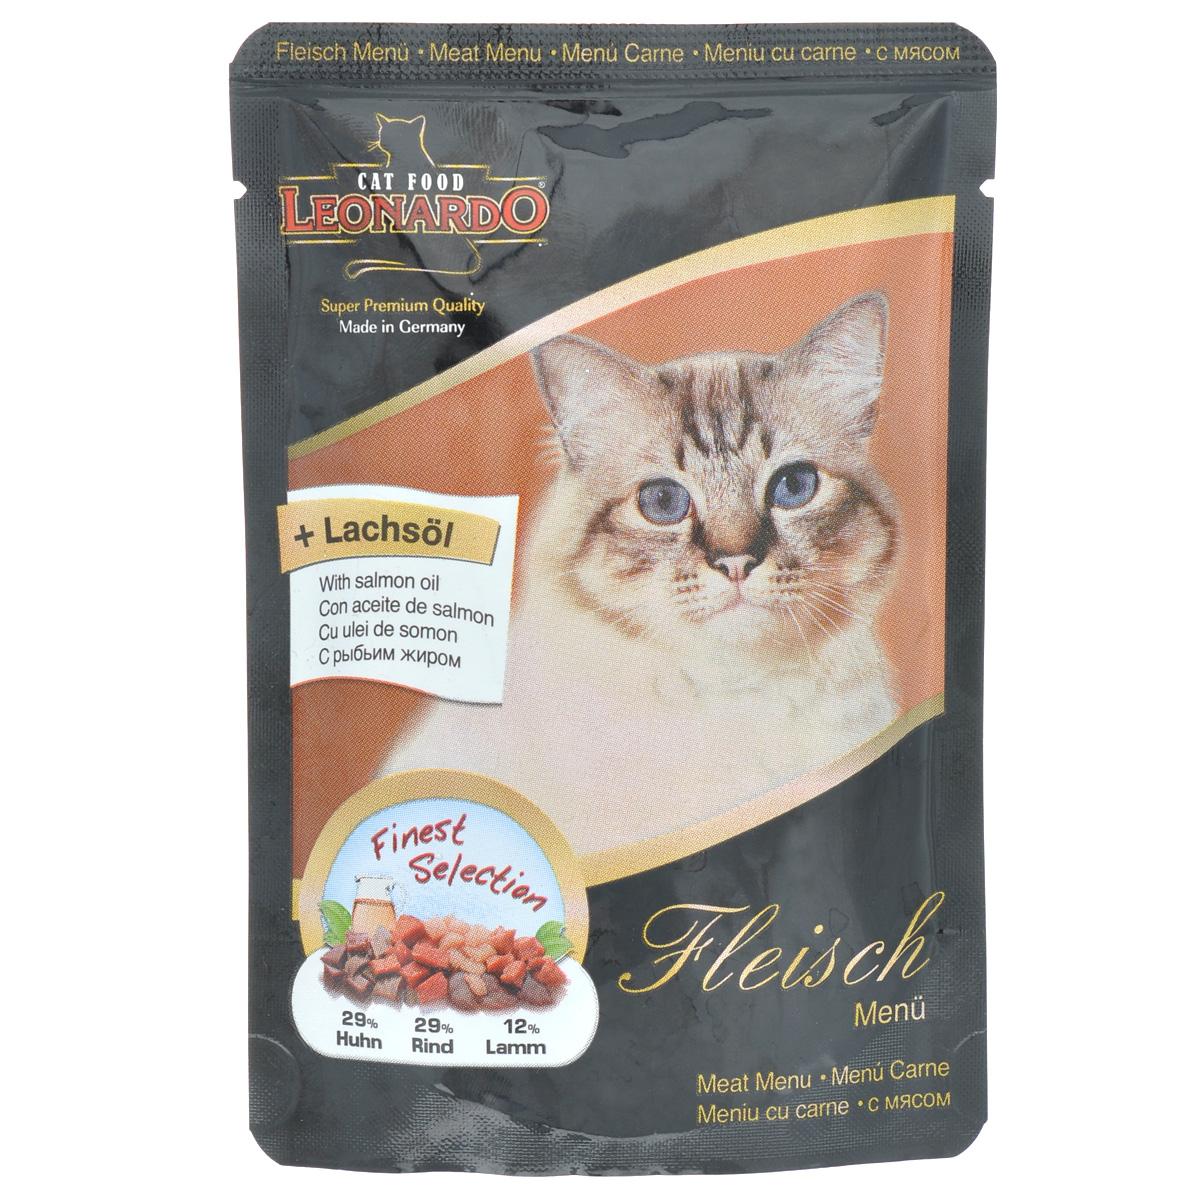 Консервы Leonardo для взрослых кошек, с мясом, 85 г41869Консервы Leonardo - полноценное сбалансированное питание для взрослых кошек. Корм обладает высокой вкусовой привлекательностью и способен удовлетворить потребности любой кошки. Состав: мясо курицы, сердце, желудок, печень (29%), говядина, сердце, легкие, печень, почки, рубец (29,6%), бульон из курицы, говядины и ягненка (29%), легкие ягненка (12%), рыбий жир (семейство лососевые) (0,2%), карбонад кальция (0,2%). Анализ: влажность 80%, протеин 10,7%, жир 7%, зола 1,9%, клетчатка 0,3%. Добавки на кг: витамин А - 3000 ME, витамин D3 - 200 ME, витамин Е - 30 МЕ, таурин - 1500 мг, марганец - 3 мг, цинк - 15 мг, йод - 0,75 мг, селен - 0,03 мг. Товар сертифицирован.